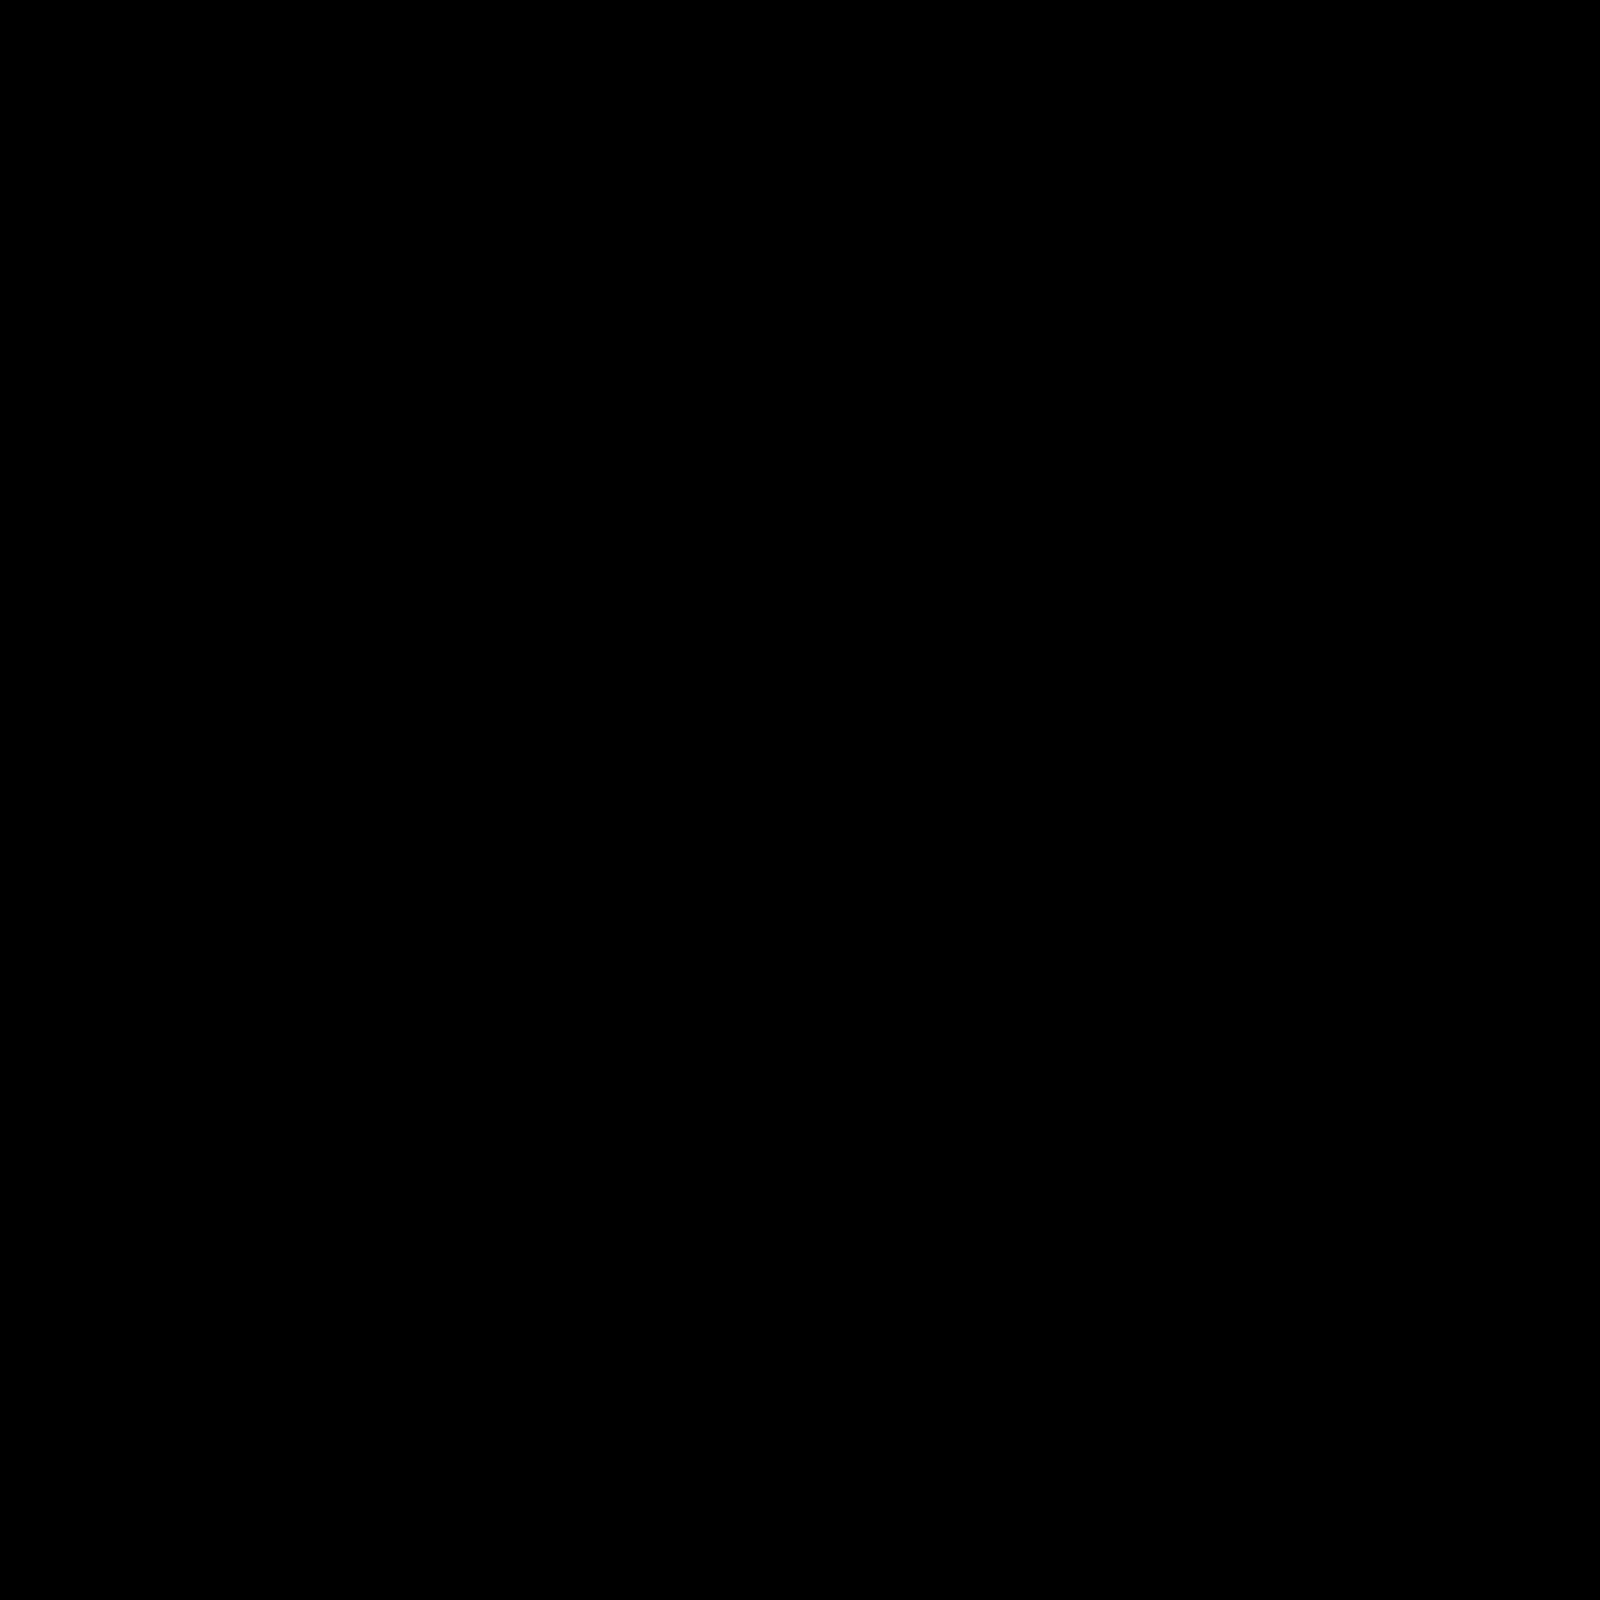 """ベスト・セラー icon. This is a picture of an award ribbon for being number one or first place. it has the number """"1"""" with two stars on each side of it. around the inside perimeter of the ribbon are dots"""